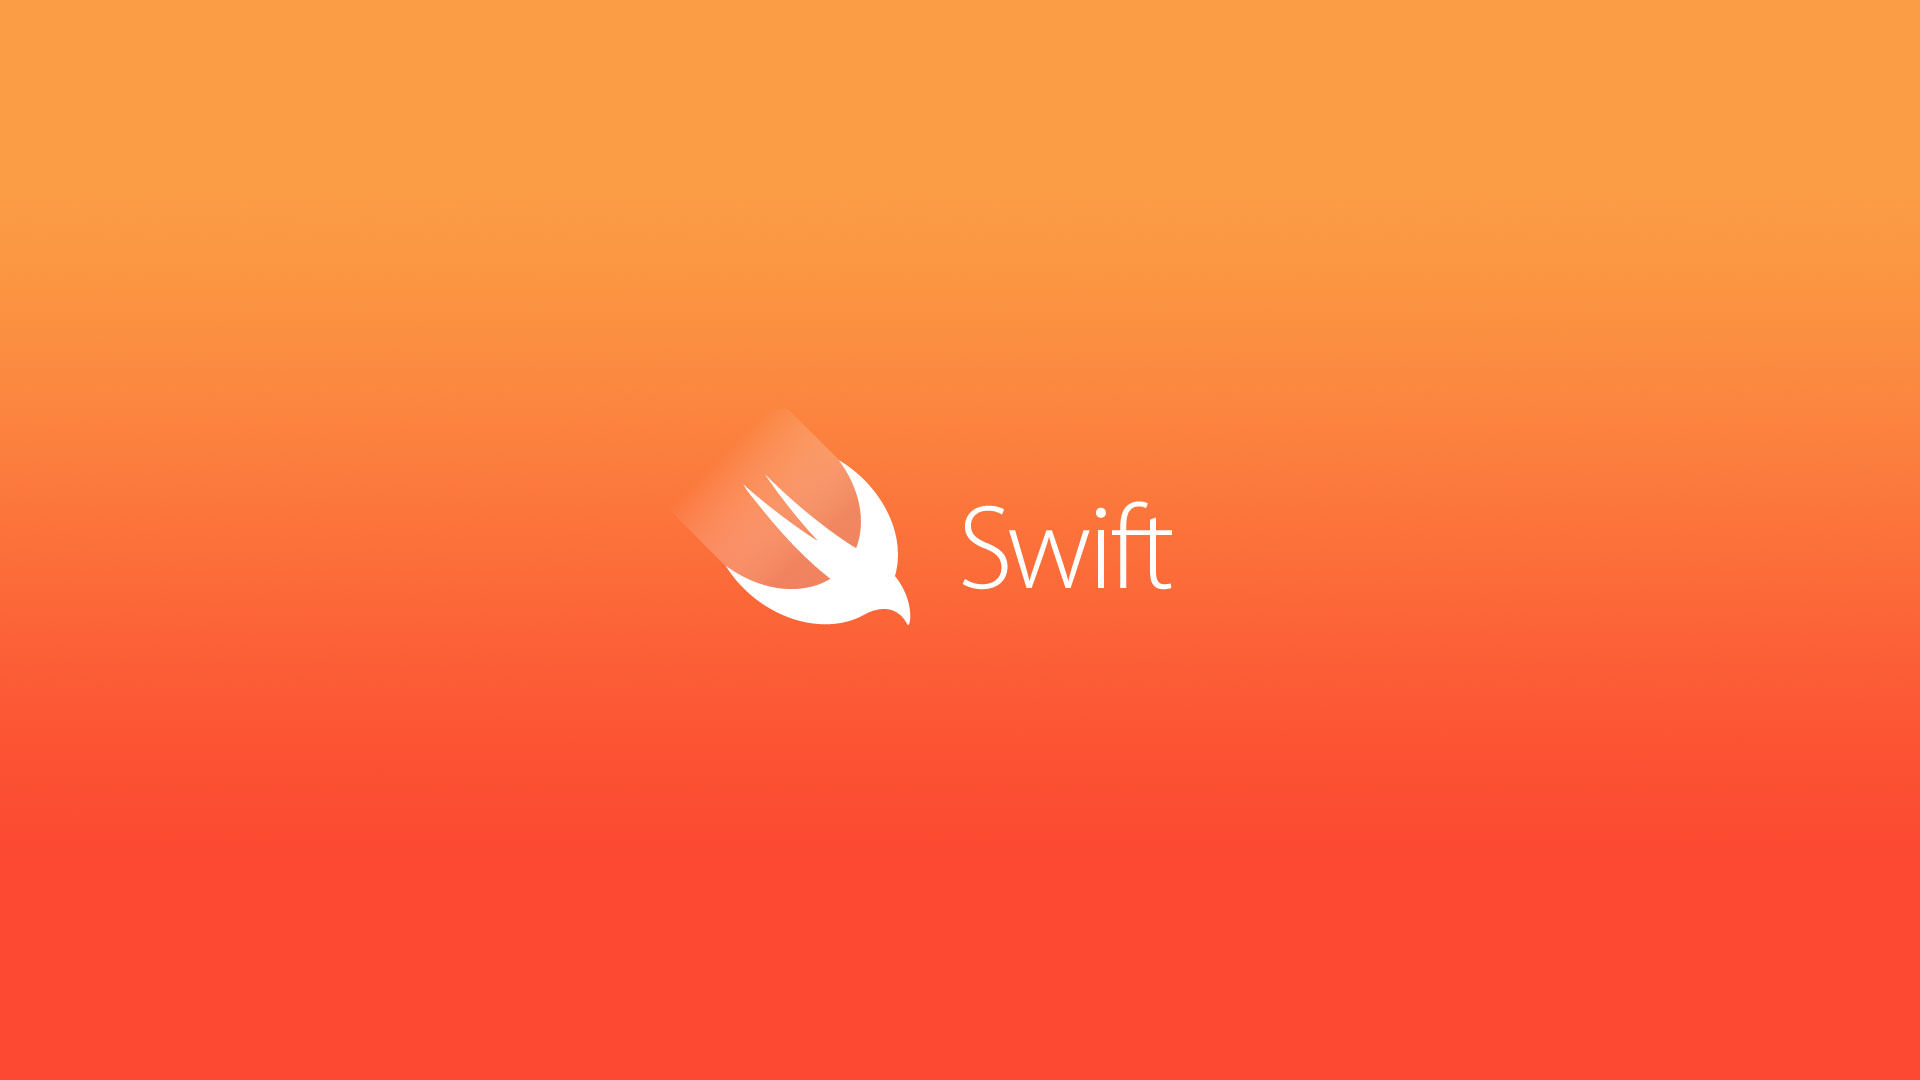 apple swift gnu linux